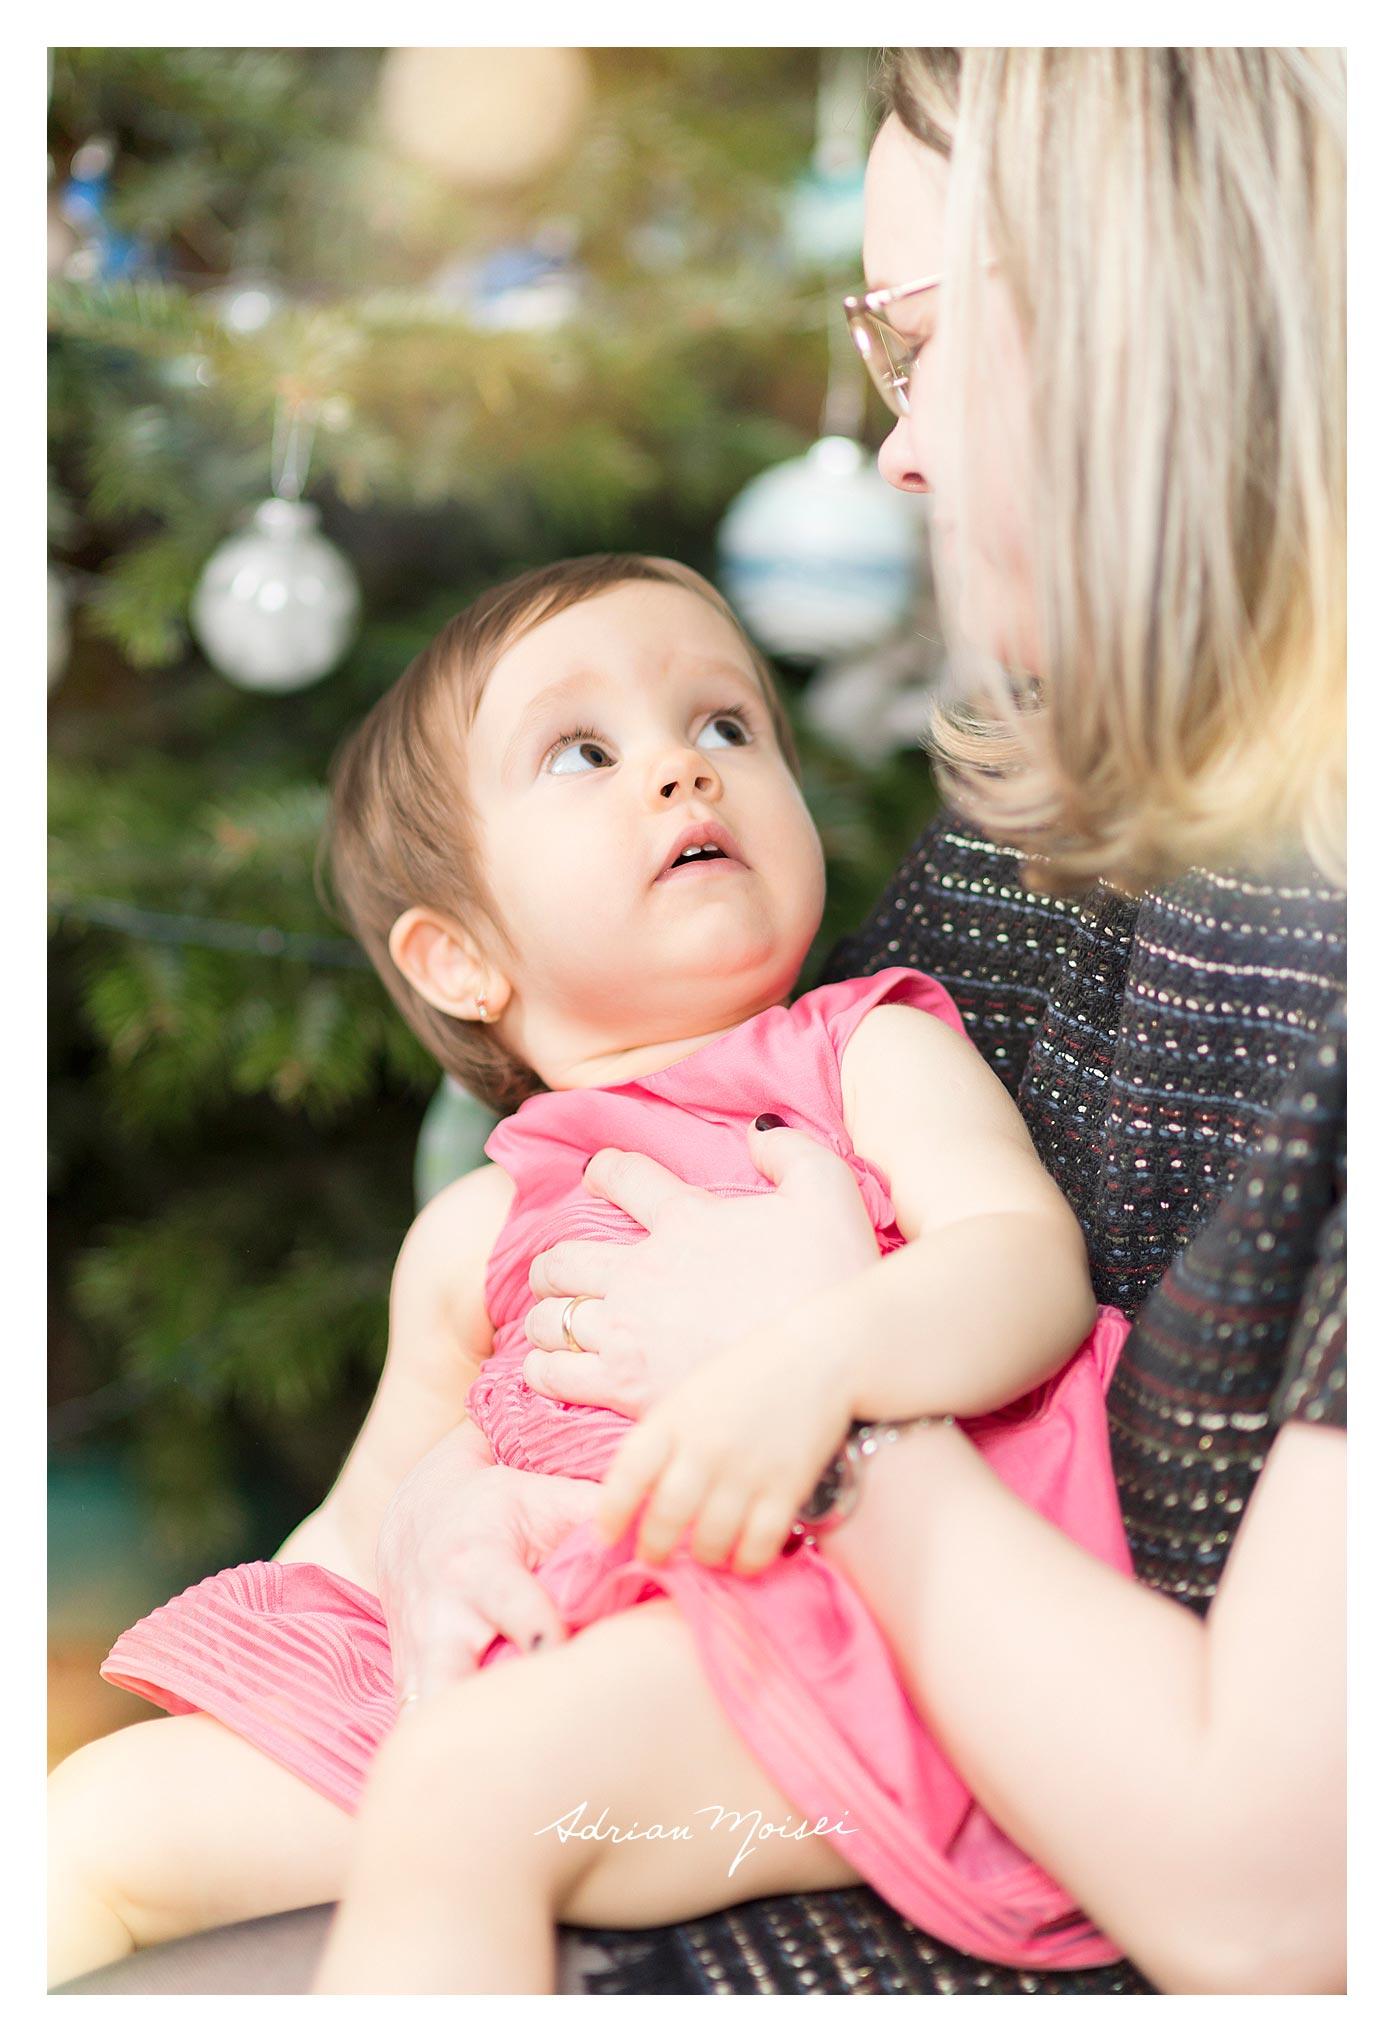 Fotograf de familie - Cămin calduros și-un brăduț frumos, fotograf Adrian Moisei